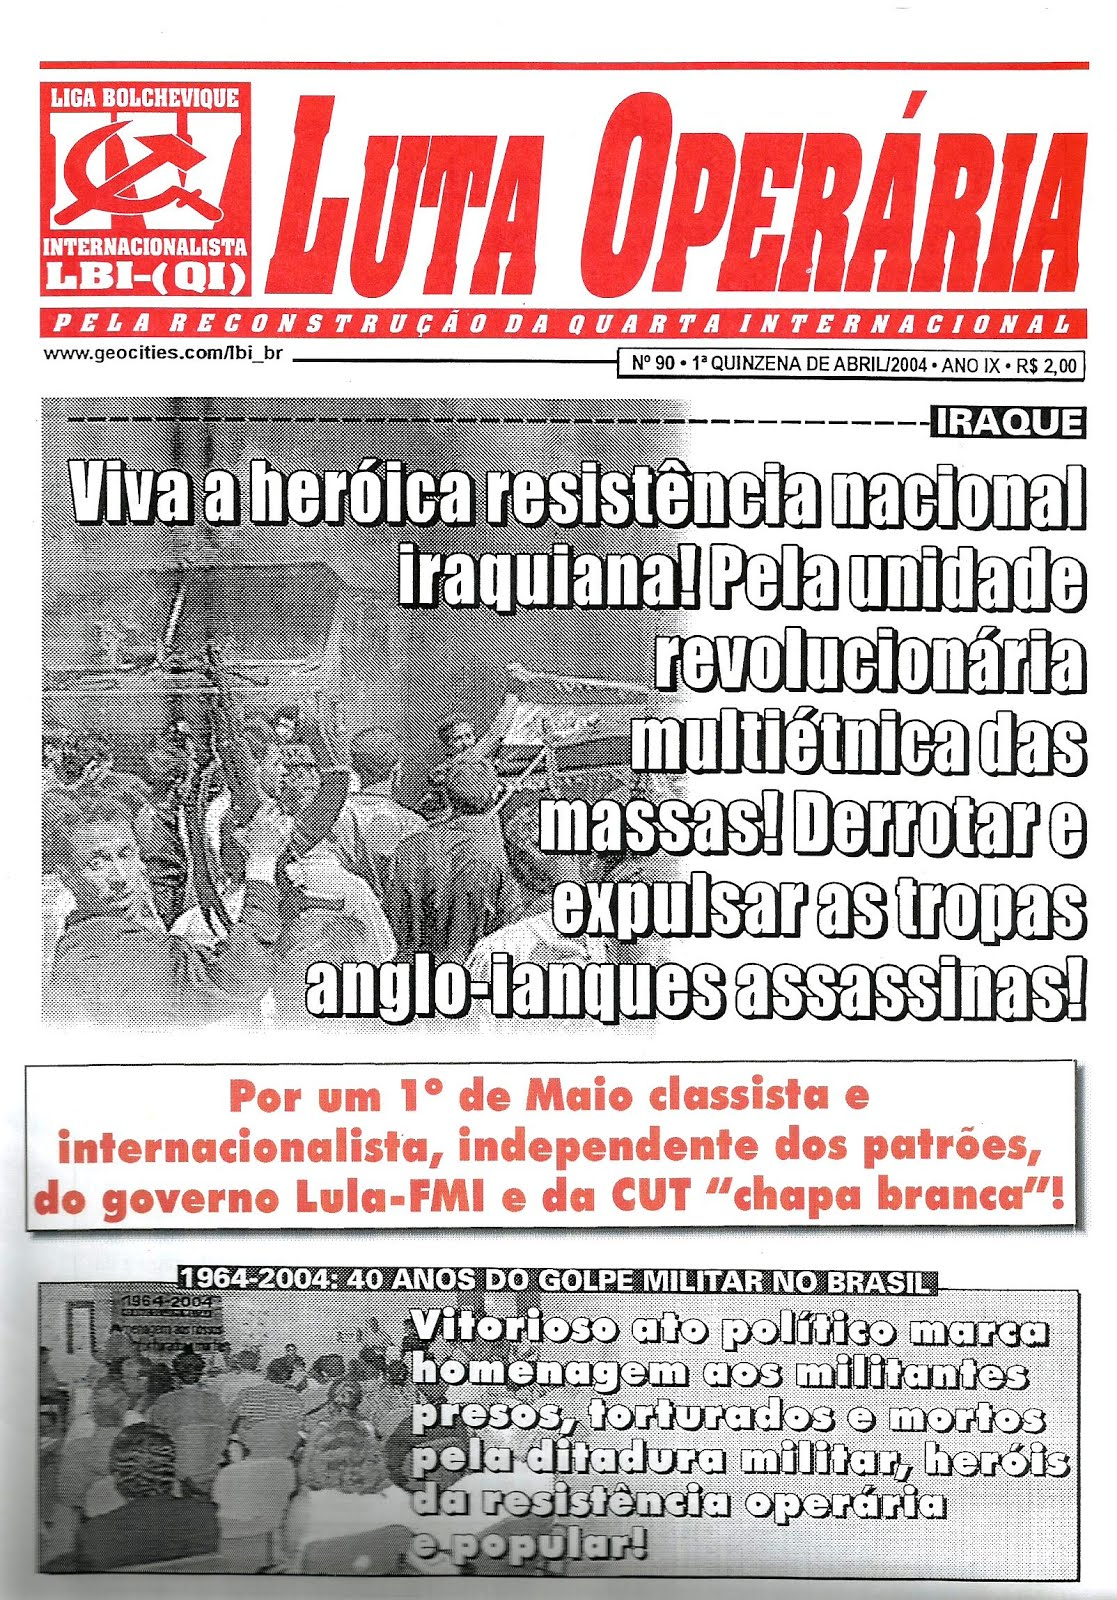 LEIA A EDIÇÃO DO JORNAL LUTA OPERÁRIA Nº 90, 1ª QUINZ. DE ABRIL/2004